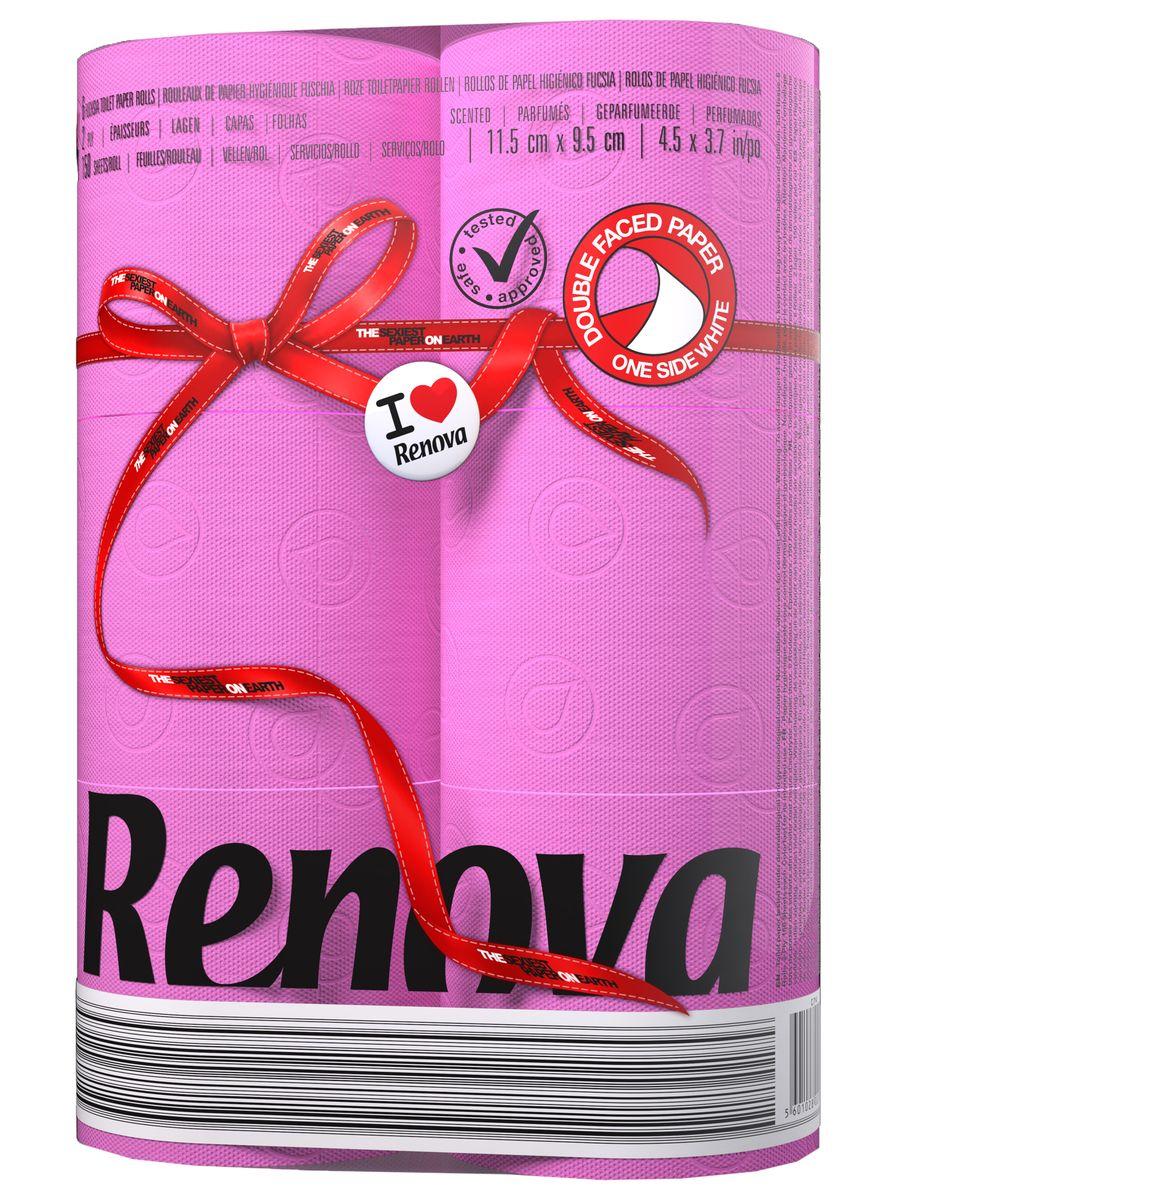 Туалетная бумага Renova, двухслойная, ароматизированная, цвет: фуксия, 6 рулонов200066926Туалетная бумага Renova изготовлена по новейшей технологии из 100% ароматизированной целлюлозы, благодаря чему она имеет тонкий аромат, очень мягкая, нежная, но в тоже время прочная. Эксклюзивная двухсторонняя туалетная бумага Renova  экстрамодного цвета, придаст вашему туалету оригинальность. Состав: 100% ароматизированная целлюлоза.Количество листов: 150 шт. Количество слоев: 2. Размер листа: 11,5 см х 9,5 см. Количество рулонов: 6 шт. Португальская компания Renova является ведущим разработчиком новейших технологий производства, нового стиля и направления на рынке гигиенической продукции.Современный дизайн и высочайшее качество, дерматологический контроль - это то, что выделяет компанию Renova среди других производителей бумажной санитарно-гигиенической продукции.